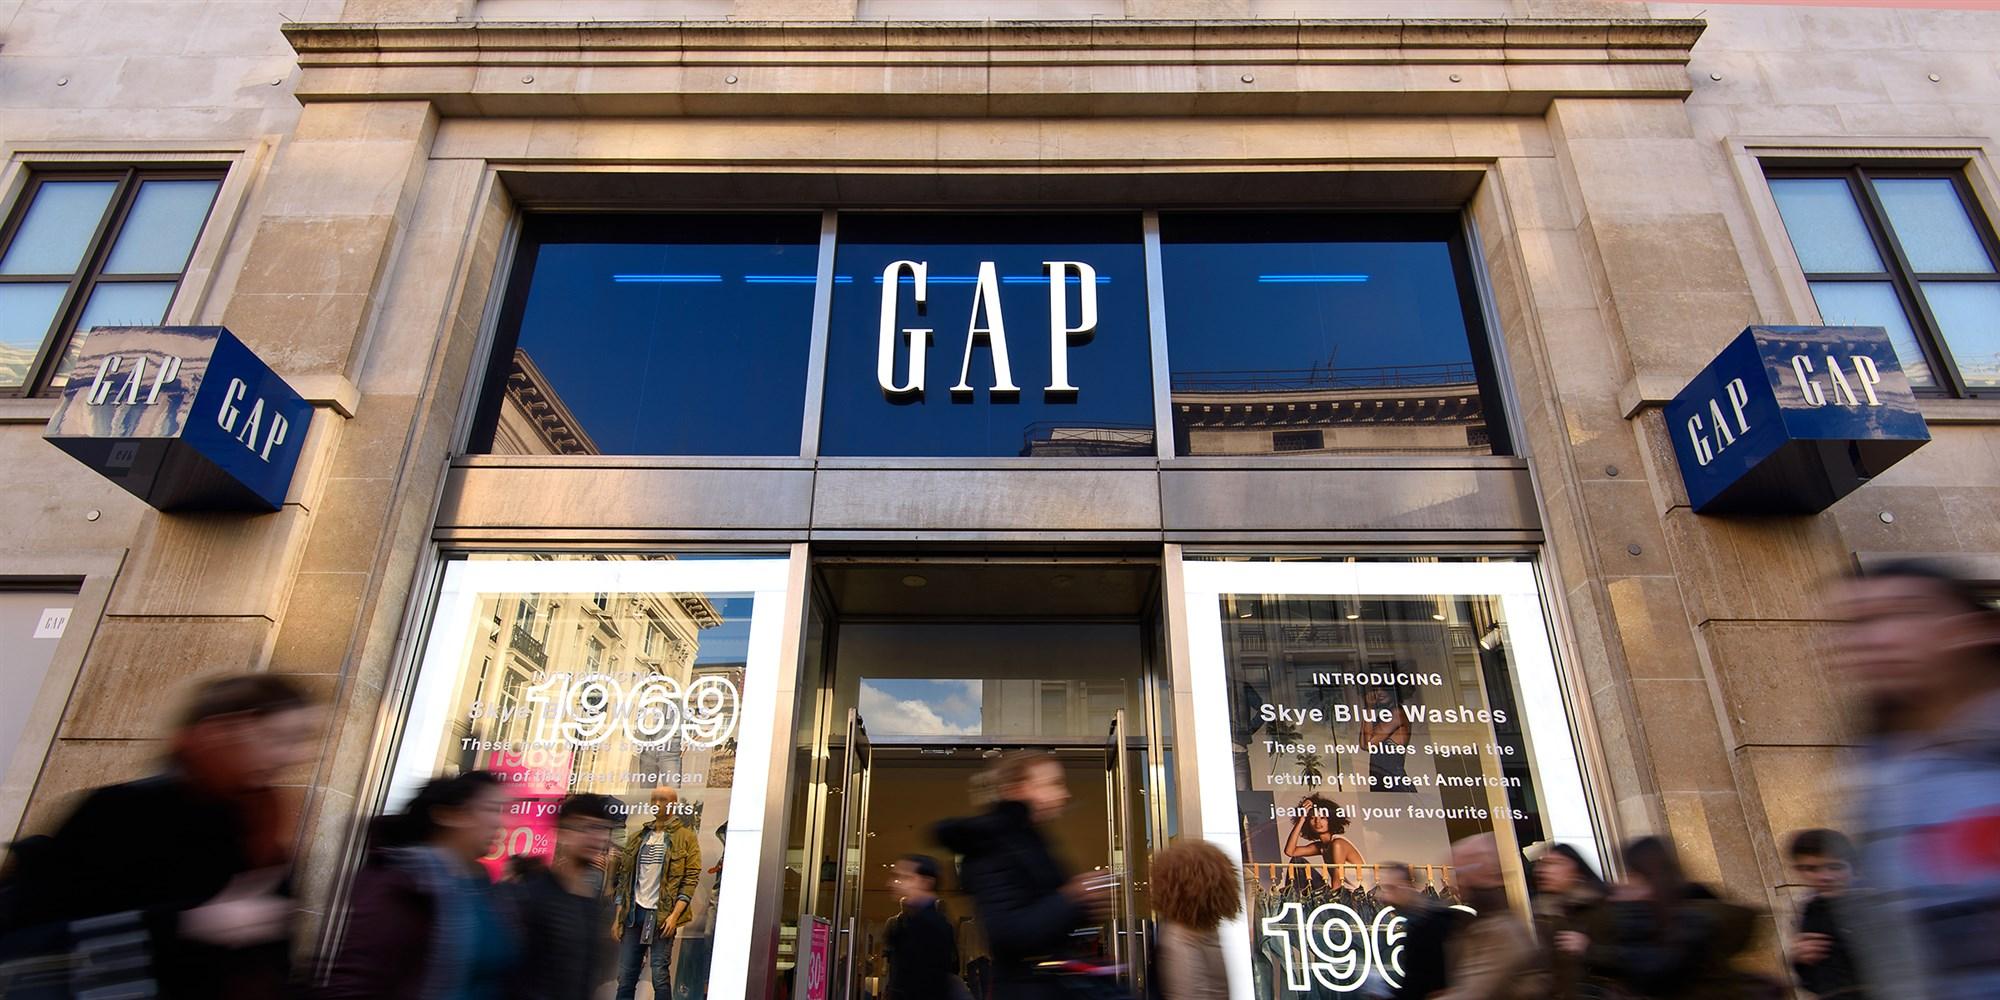 Tin thời trang GAP hủy bỏ kế hoạch chia tách Old Navy 1